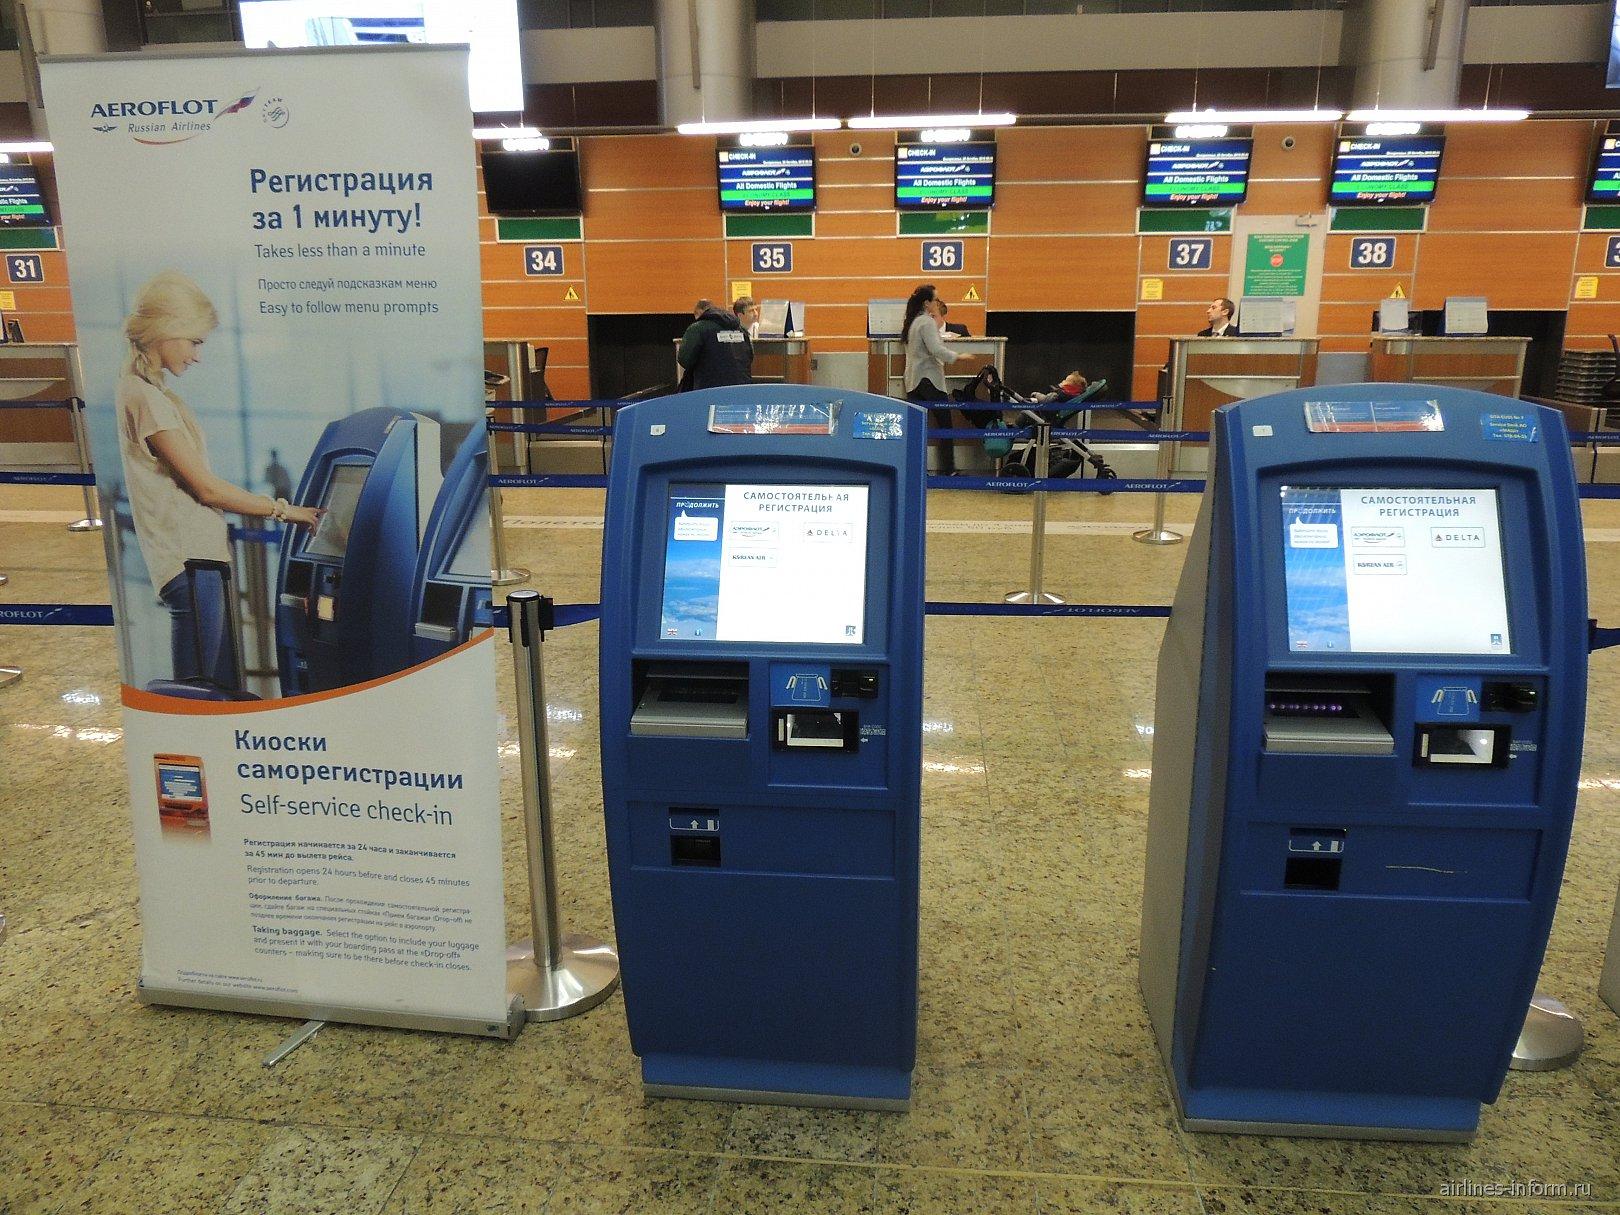 Киоски саморегистрации на рейсы Аэрофлота в терминале D аэропорта Шереметьево